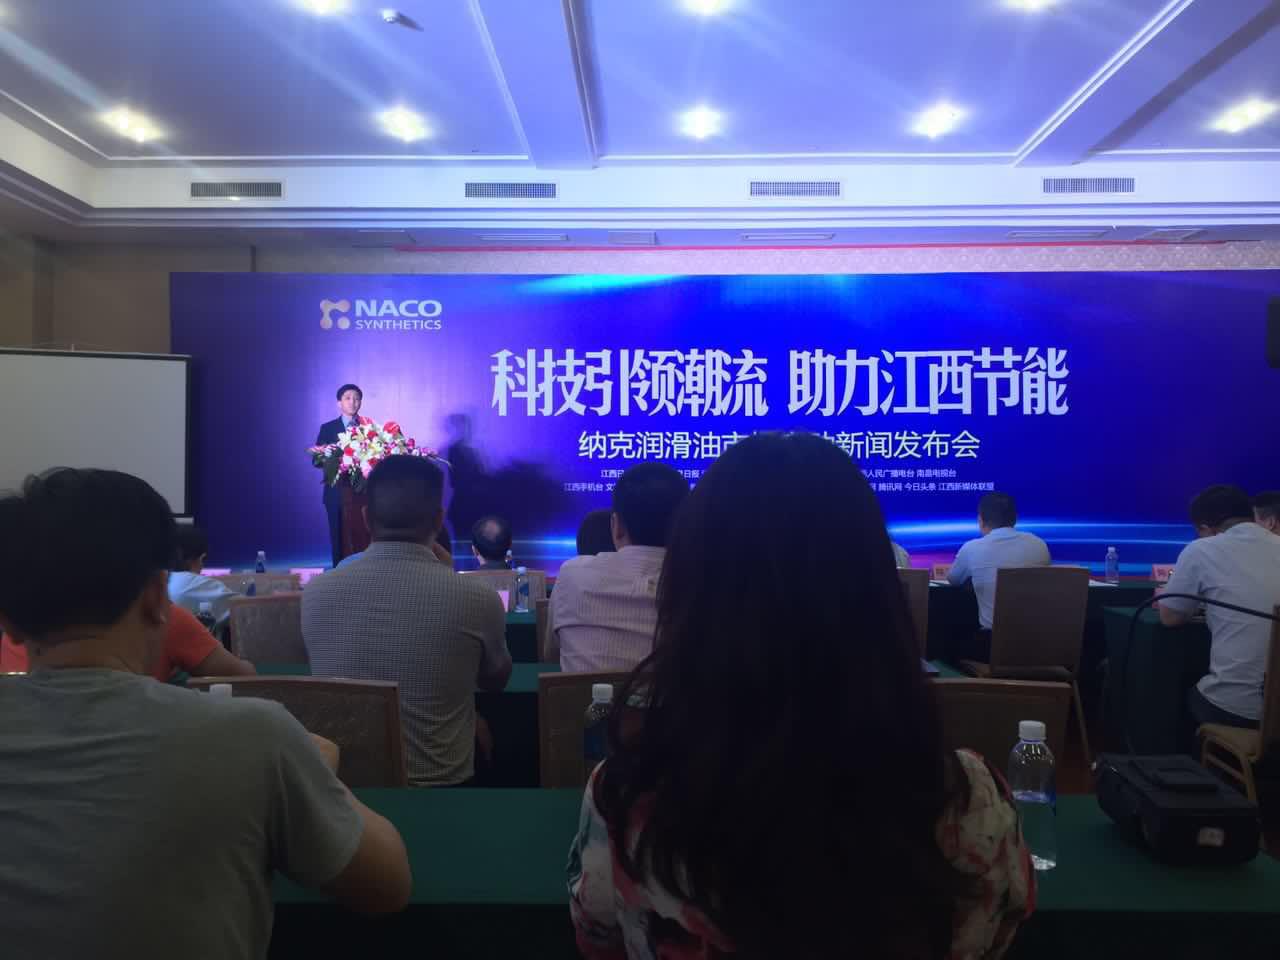 坐落在上海化学工业区的纳克合成润滑生产基地外景 10月25日,上海纳克润滑生产基地迎来了一批来自浙江和江西物流、运输界等商家,因纳克极能S6让重型卡车6万公里换一次机油成为现实,上海纳克润滑公司也因此一夜成名,成为许多重卡企业追捧的对象。前不久,上海纳克润滑公司还作为民族品牌荣登亚洲品牌500强排行榜。  纳克公司副董事长吴跃迪向代理商介绍油品知识 纳克合成润滑成为引领全球节能环保的又一次革命。这个本土品牌刚一推向市场,就在国内外市场掀起了一股加盟热潮,国内先后有近百个省级和市级城市代理商